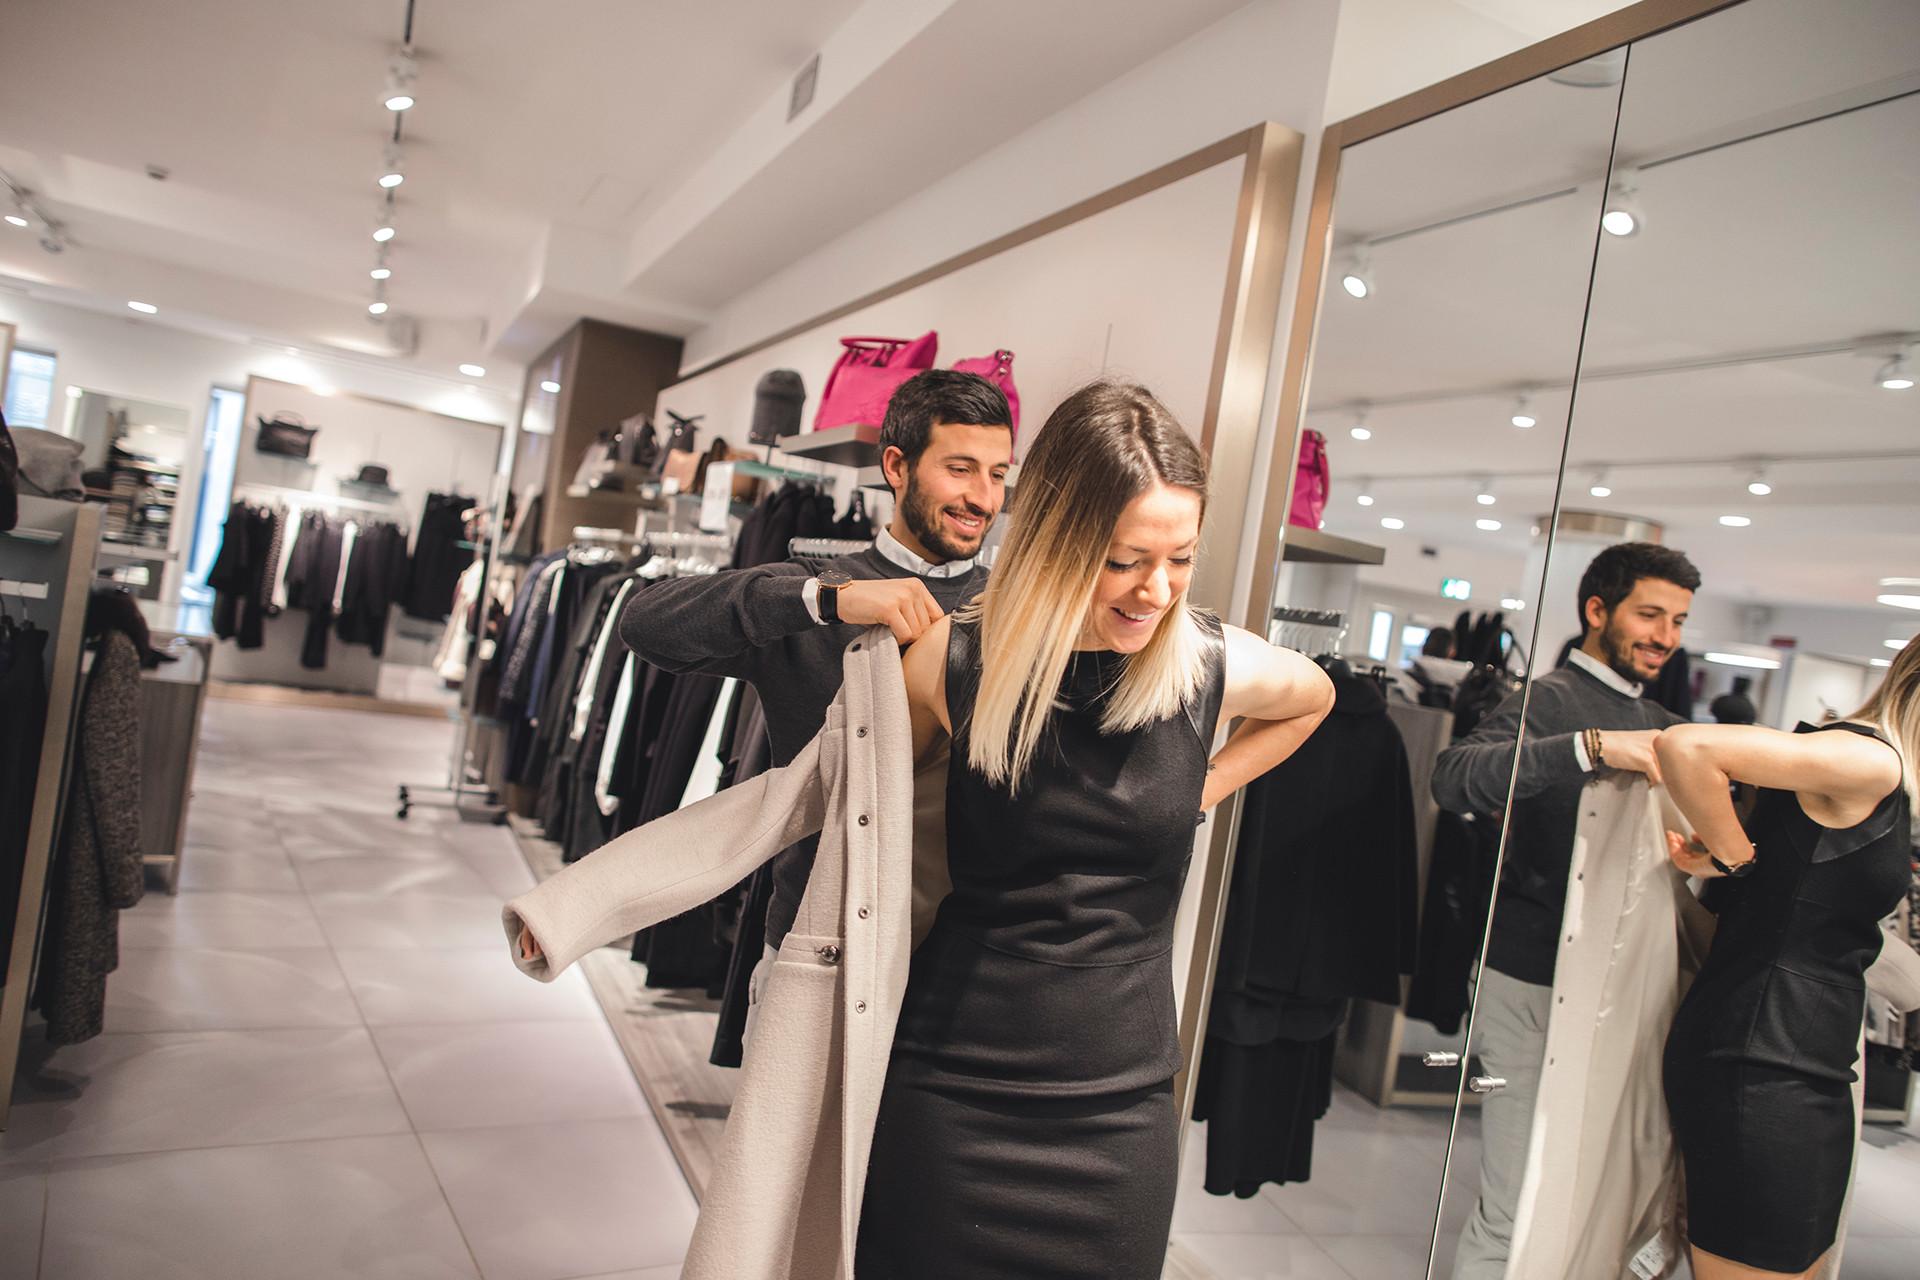 Fedrizzi Abbigliamento Donna Abbigliamento Moda Fedrizzi Trento Trento Moda  Abbigliamento Donna dwUqEa 71f0d969fb9